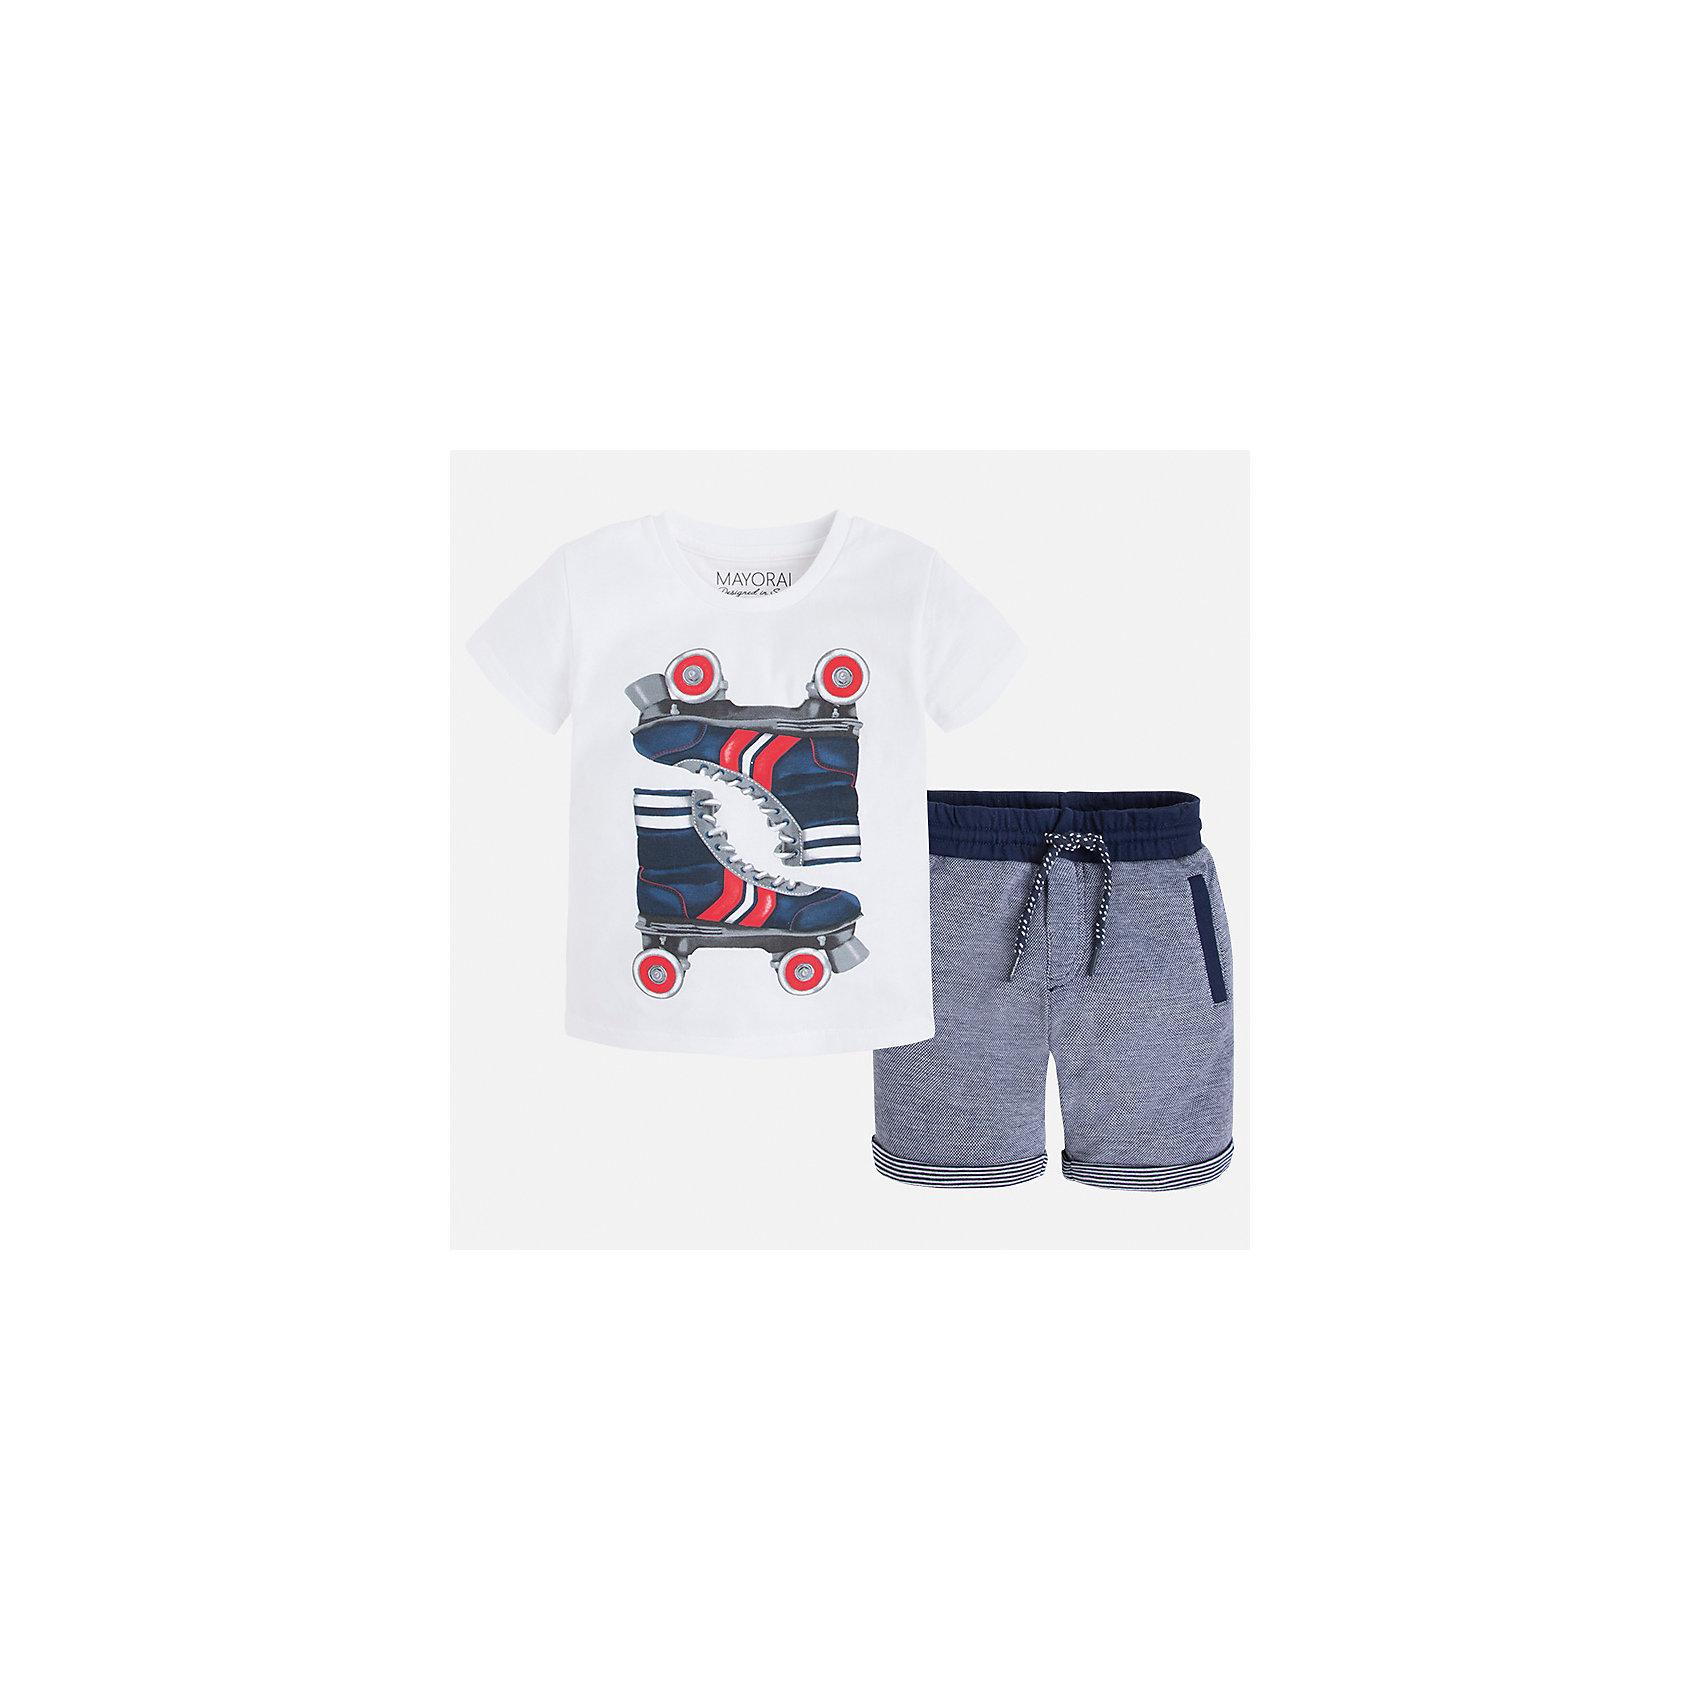 Комплект: бриджи и футболка для мальчика MayoralКомплекты<br>Характеристики товара:<br><br>• цвет: белый/серый<br>• состав: футболка- 100% хлопок; шорты - 56% хлопок, 44% полиэстер<br>• комплектация: шорты, футболка<br>• круглый горловой вырез<br>• декорирована принтом<br>• короткие рукава<br>• шорты - пояс со шнурком<br>• страна бренда: Испания<br><br>Стильная удобная футболка с принтом и шорты помогут разнообразить гардероб мальчика и удобно одеться. Универсальный цвет позволяет подобрать к вещам верхнюю одежду практически любой расцветки. Интересная отделка модели делает её нарядной и оригинальной. В составе материала - только натуральный хлопок, гипоаллергенный, приятный на ощупь, дышащий.<br><br>Одежда, обувь и аксессуары от испанского бренда Mayoral полюбились детям и взрослым по всему миру. Модели этой марки - стильные и удобные. Для их производства используются только безопасные, качественные материалы и фурнитура. Порадуйте ребенка модными и красивыми вещами от Mayoral! <br><br>Комплект для мальчика от испанского бренда Mayoral (Майорал) можно купить в нашем интернет-магазине.<br><br>Ширина мм: 191<br>Глубина мм: 10<br>Высота мм: 175<br>Вес г: 273<br>Цвет: белый<br>Возраст от месяцев: 18<br>Возраст до месяцев: 24<br>Пол: Мужской<br>Возраст: Детский<br>Размер: 92,128,110,98,134,122,116,104<br>SKU: 5280928